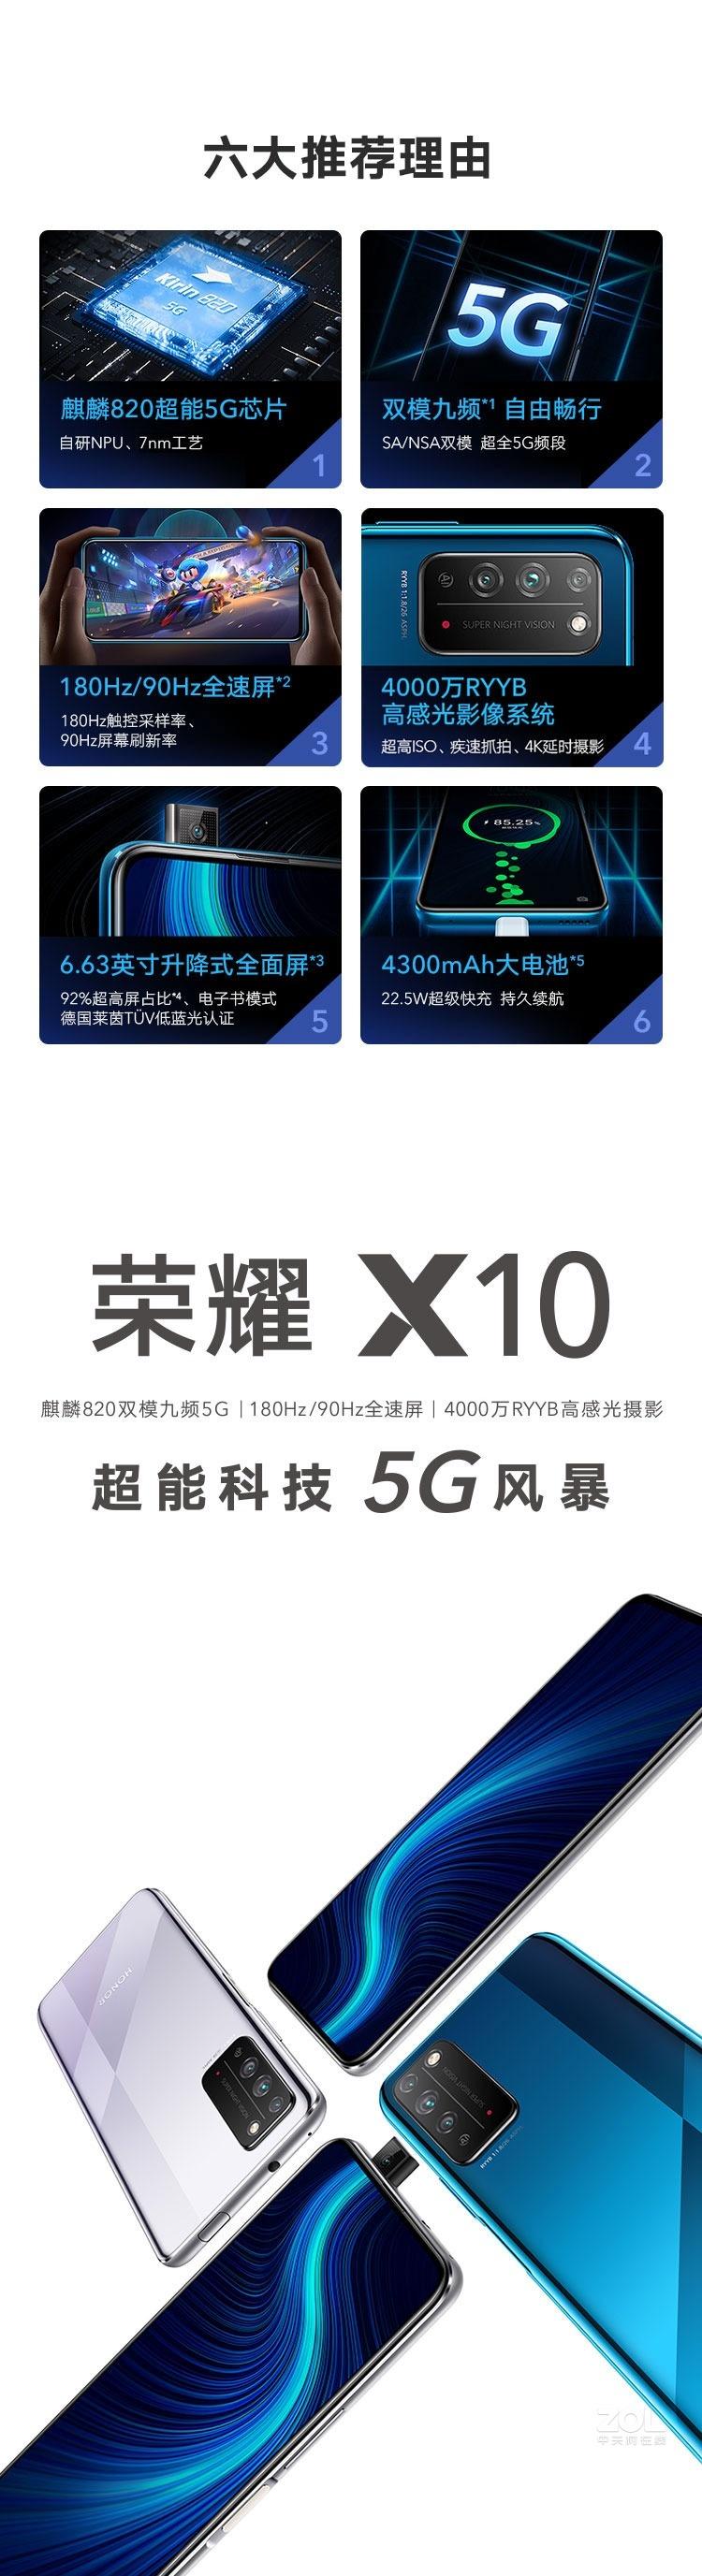 荣耀X10(6GB/128GB/全网通/5G版)评测图解产品亮点图片1